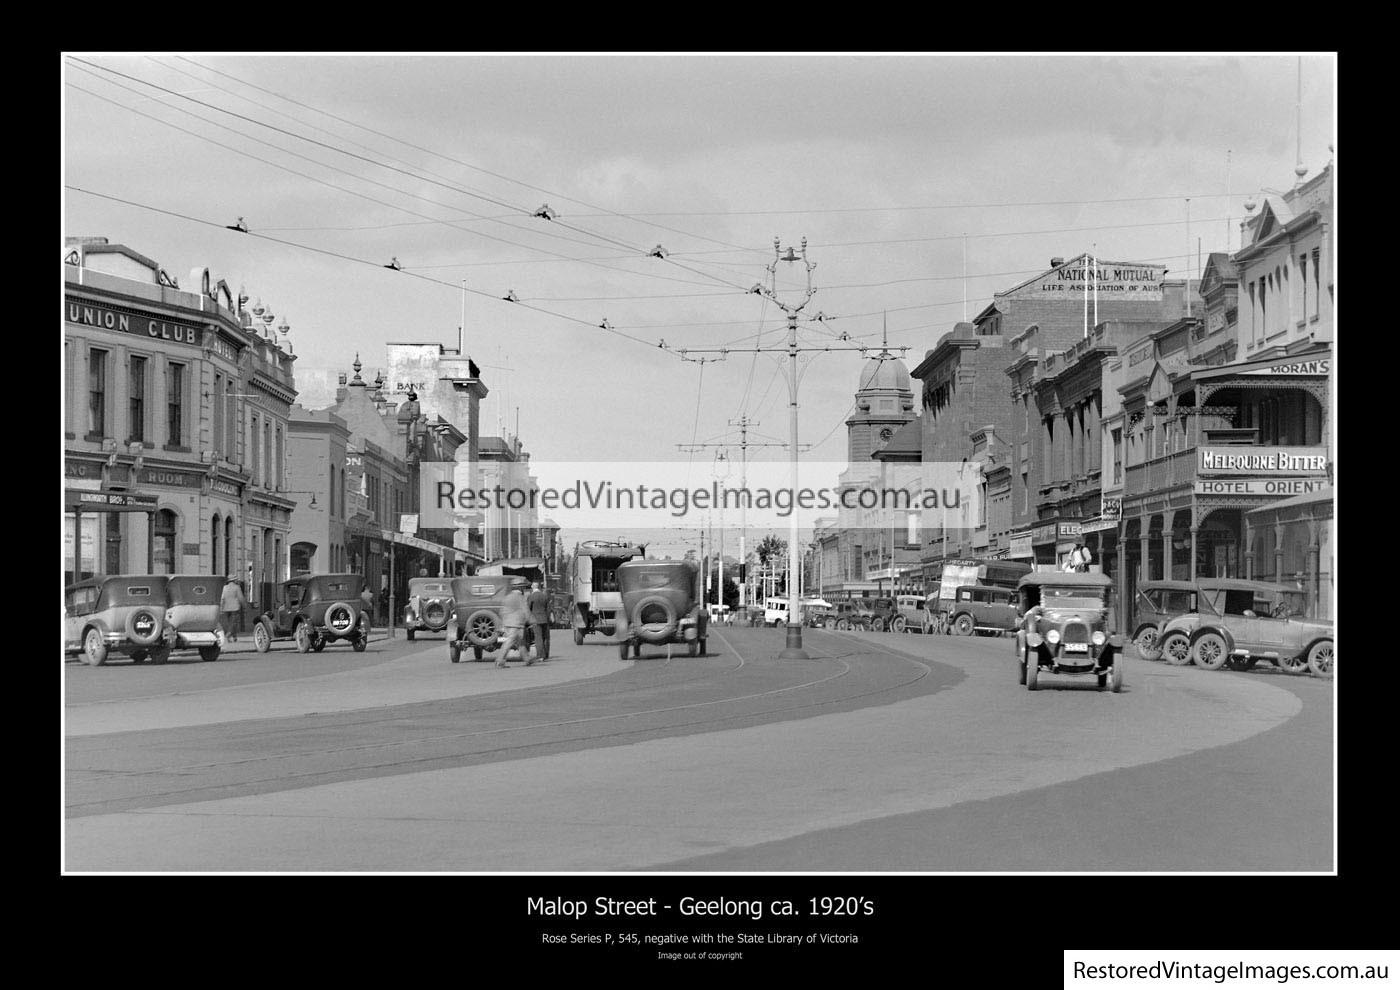 Malop Street Geelong 1920s